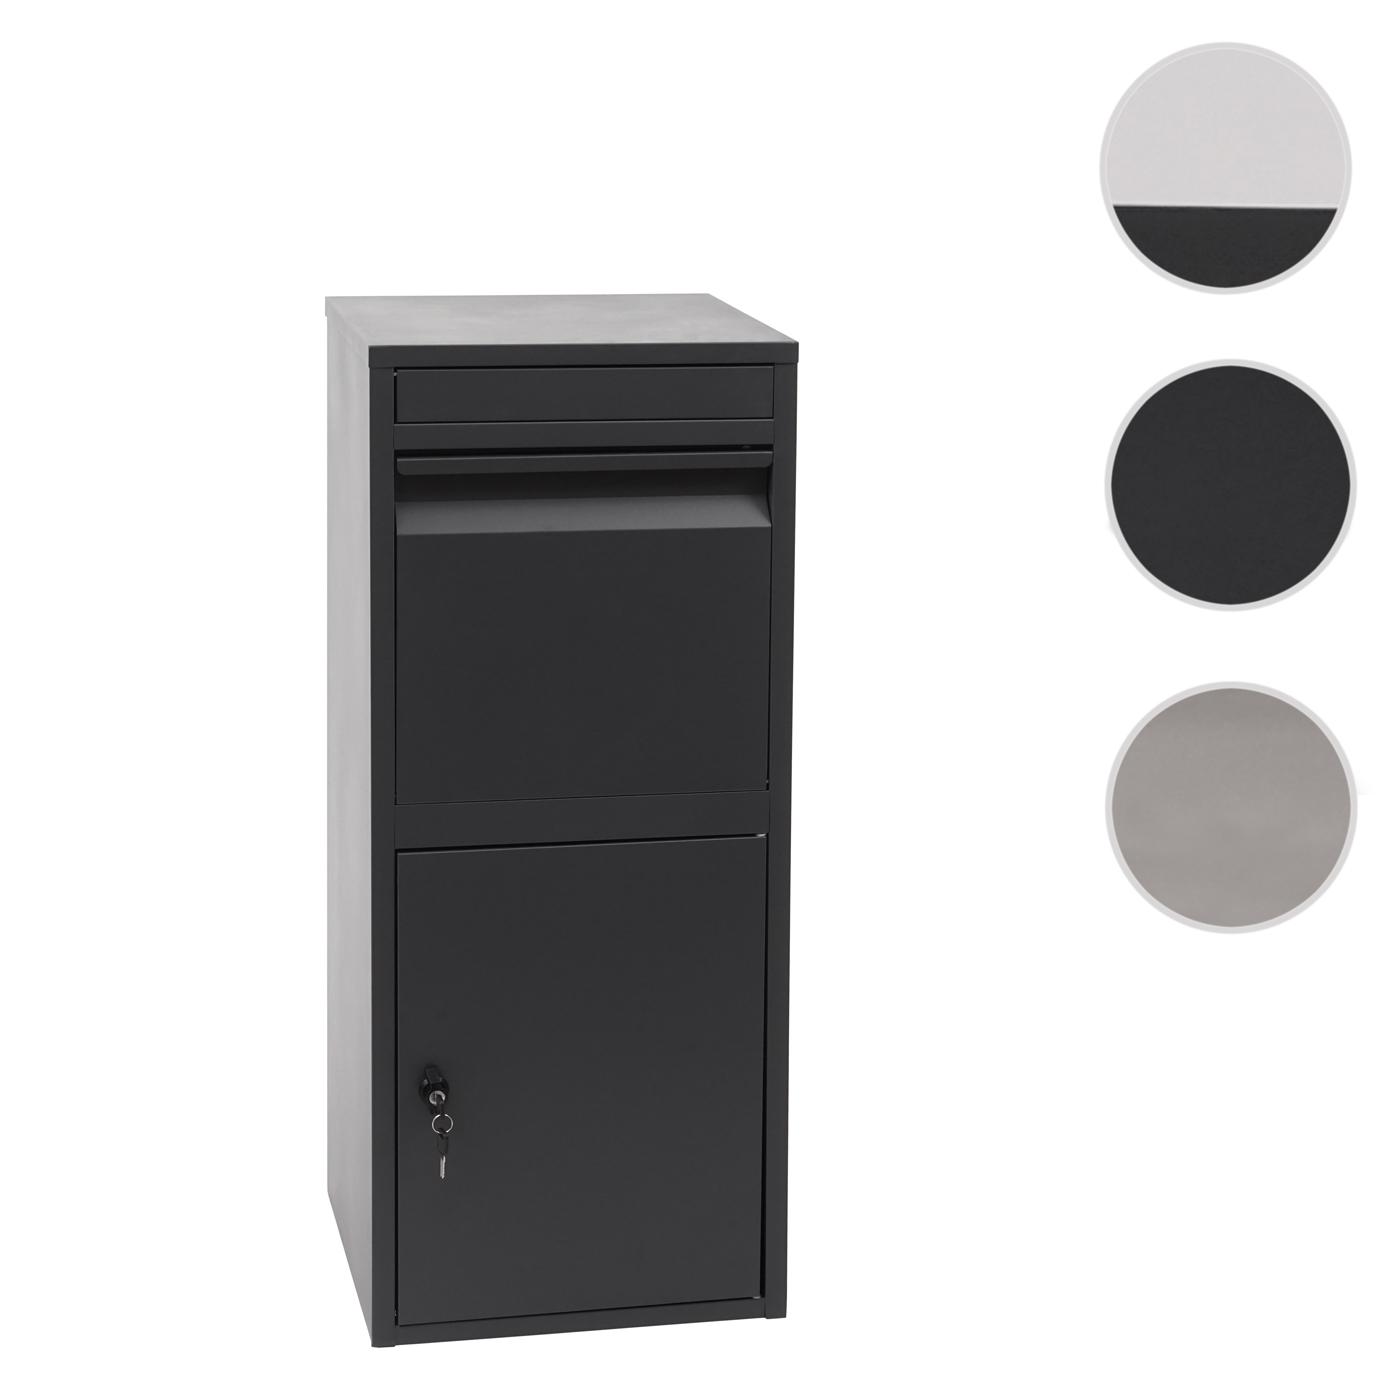 Mendler Paketkasten HWC-G80, Paketbox Standbriefkasten Paketbriefkasten Briefkasten ~ Variantenangebot 72092